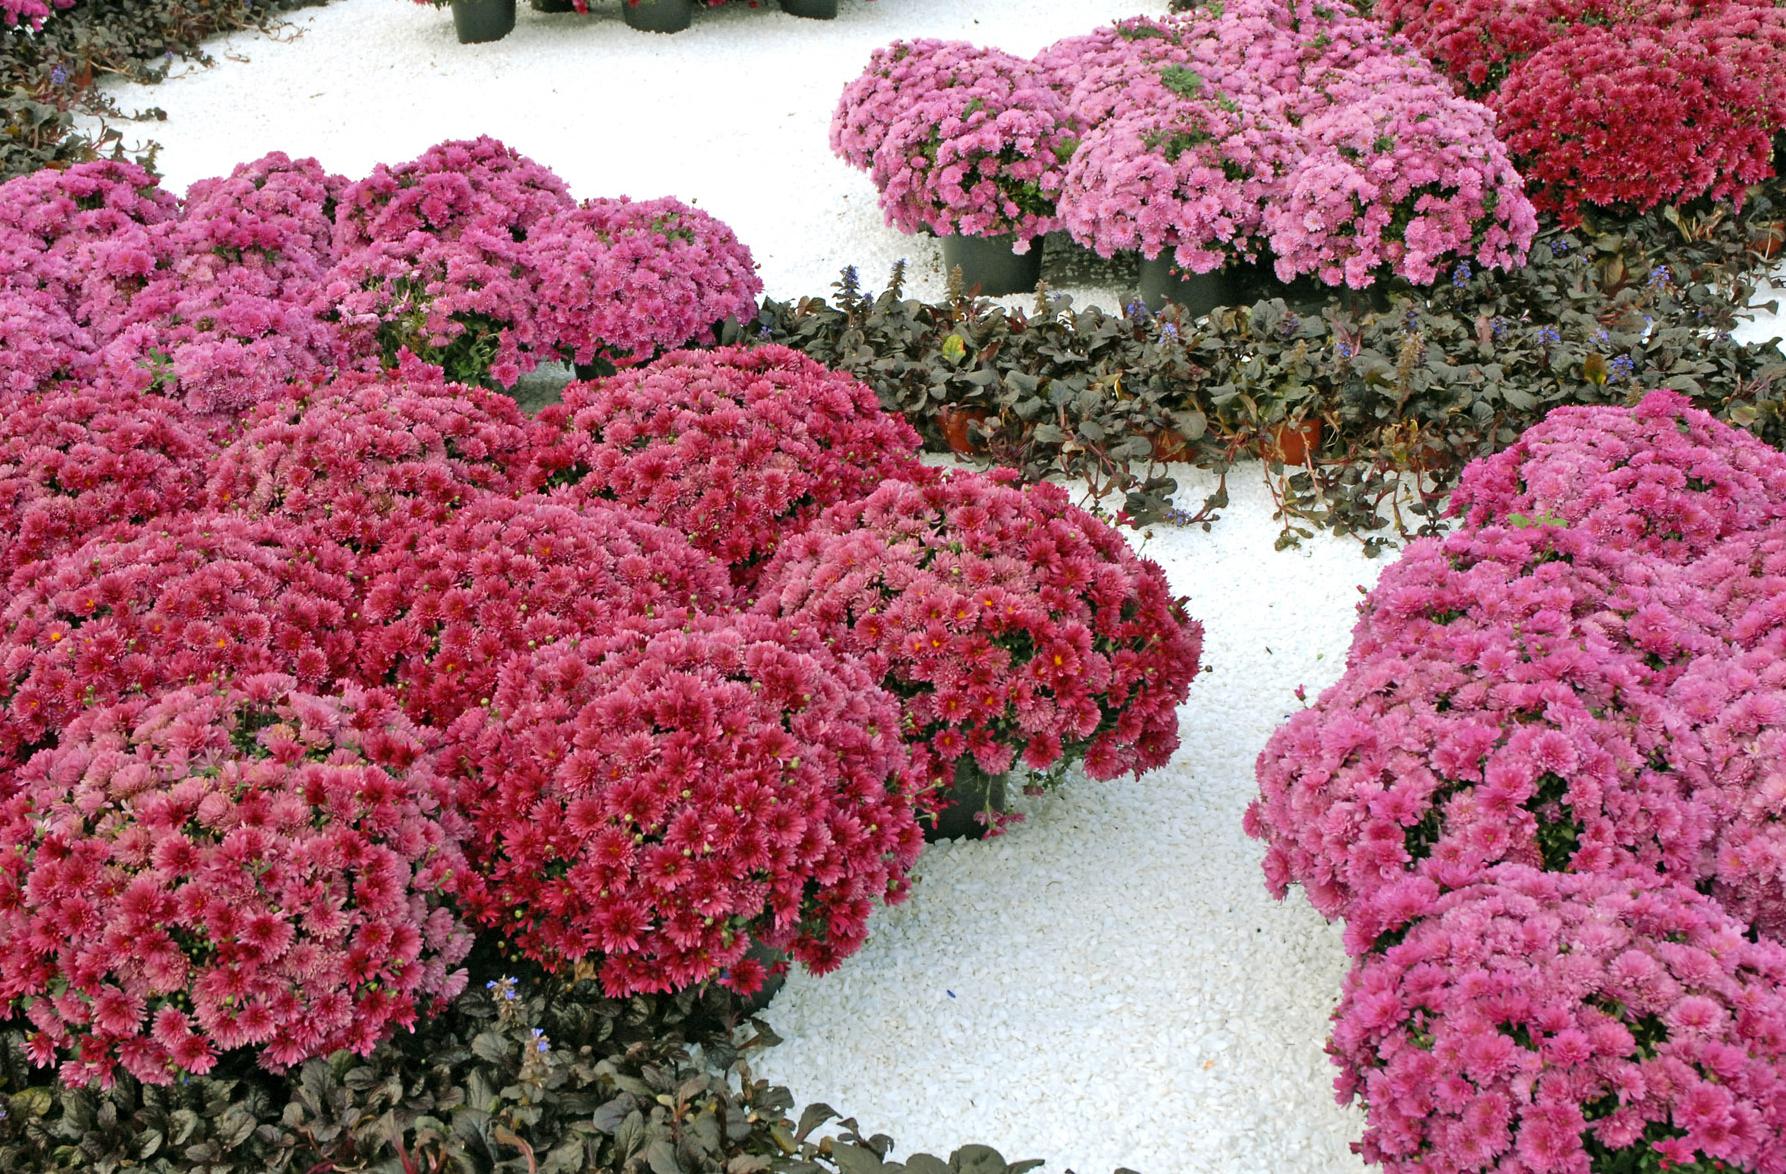 File:Jardin éphémère (Nancy, fleurs roses).jpg - Wikimedia Commons